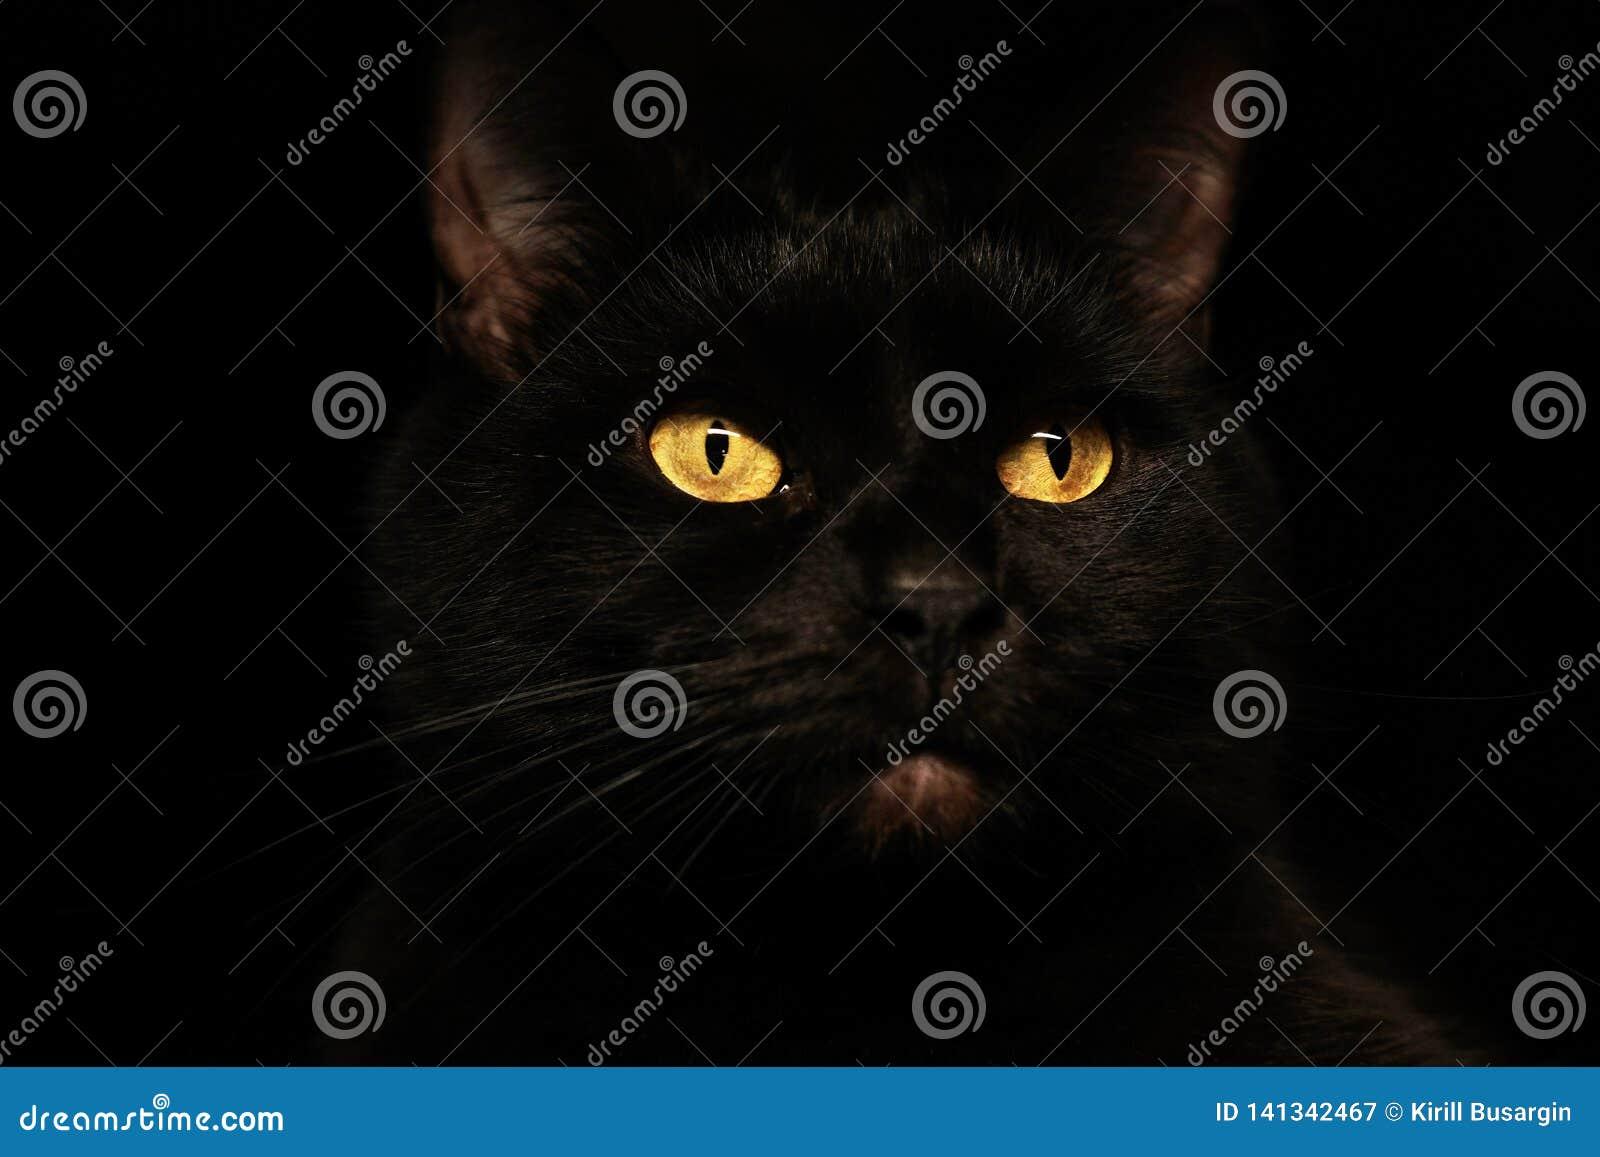 Retrato siniestro espeluznante de la cara del gato negro en fondo negro